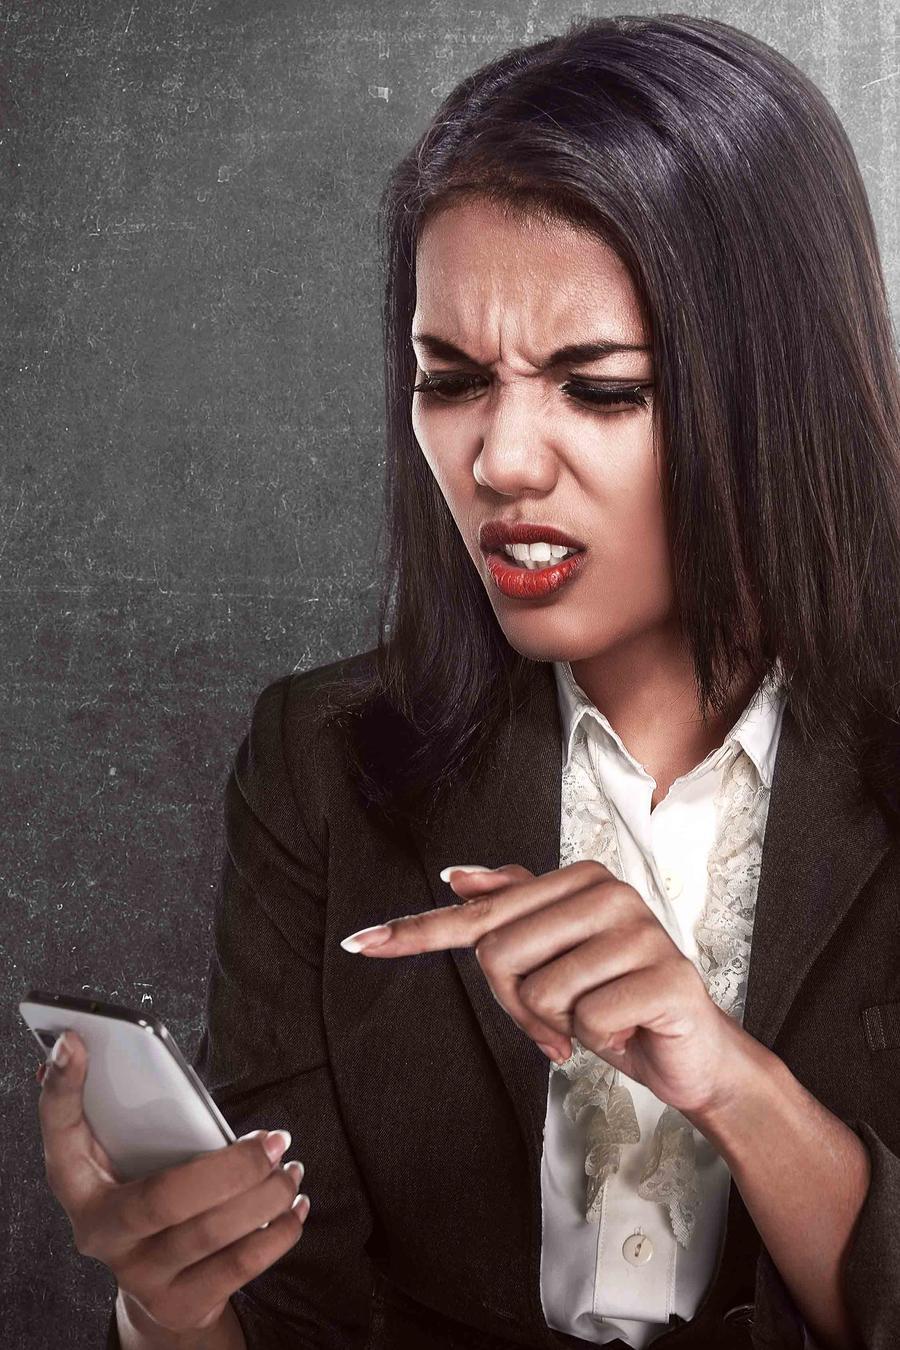 Mujer mirando la pantalla del celular con cara de disgusto